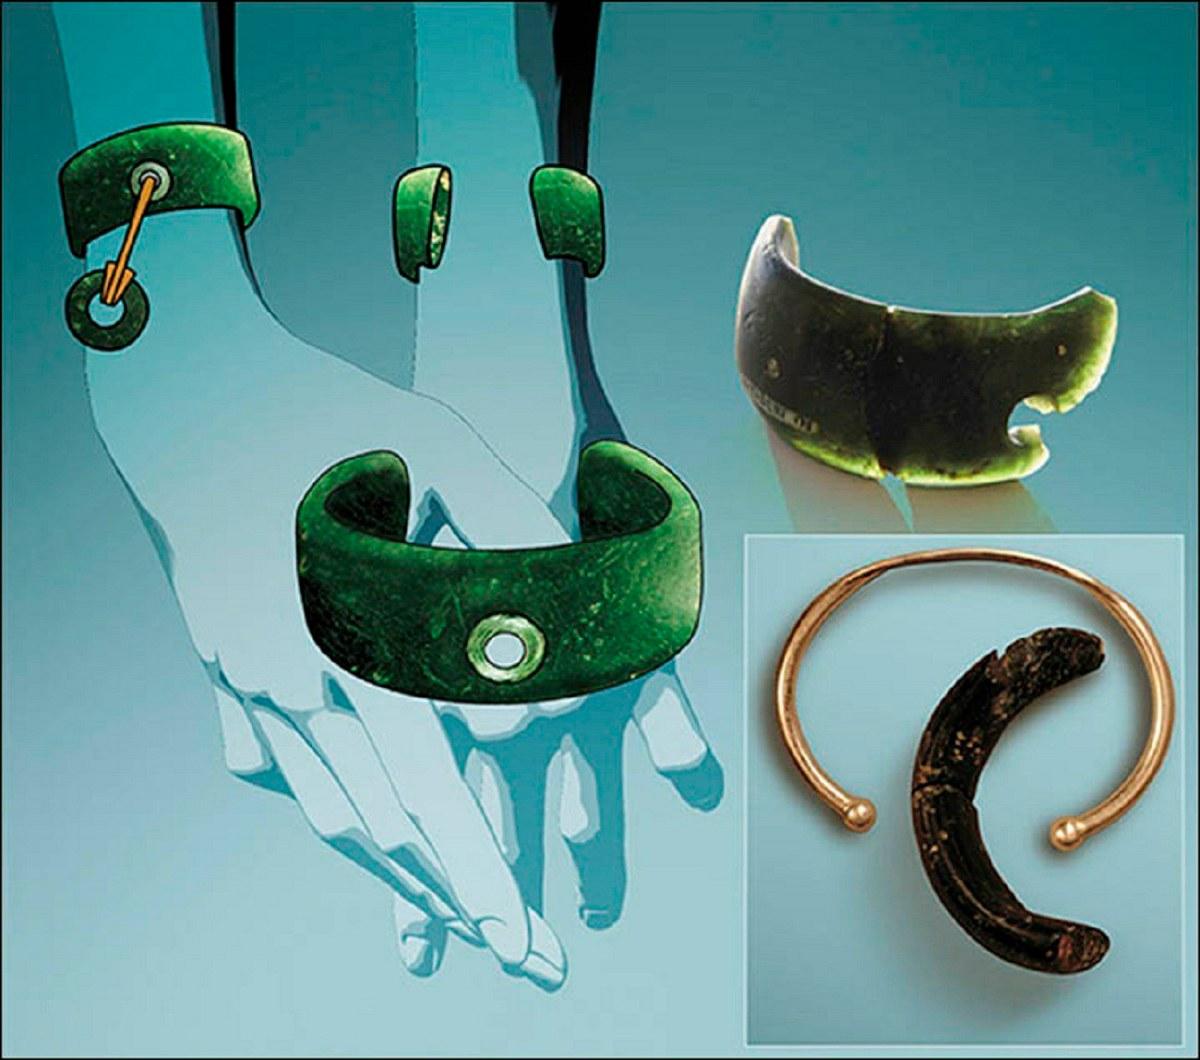 Algemene reconstructie van het aanzicht van de armband en vergelijking met de moders armband. Foto's: Anatoly Derevyanko en Mikhail Shunkov, Anastasia Abdulmanova